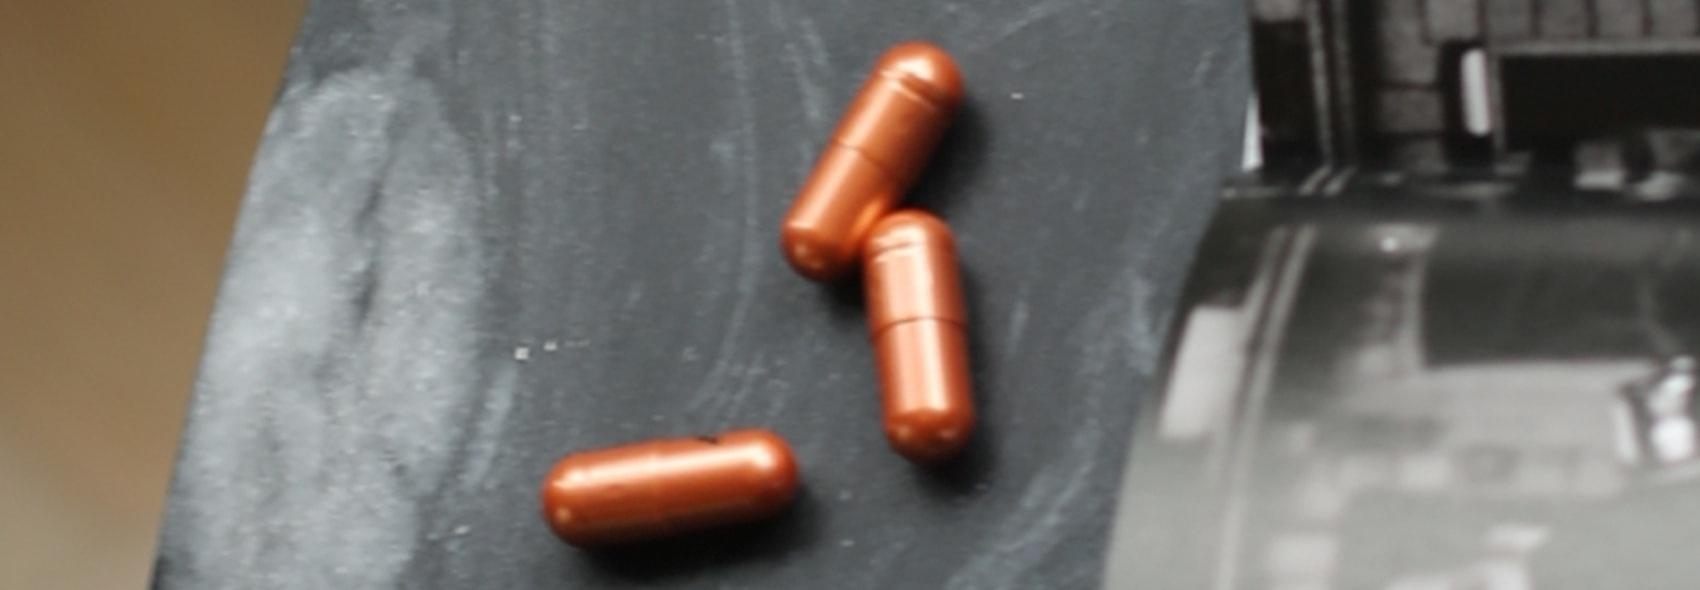 Brain 3 capsules